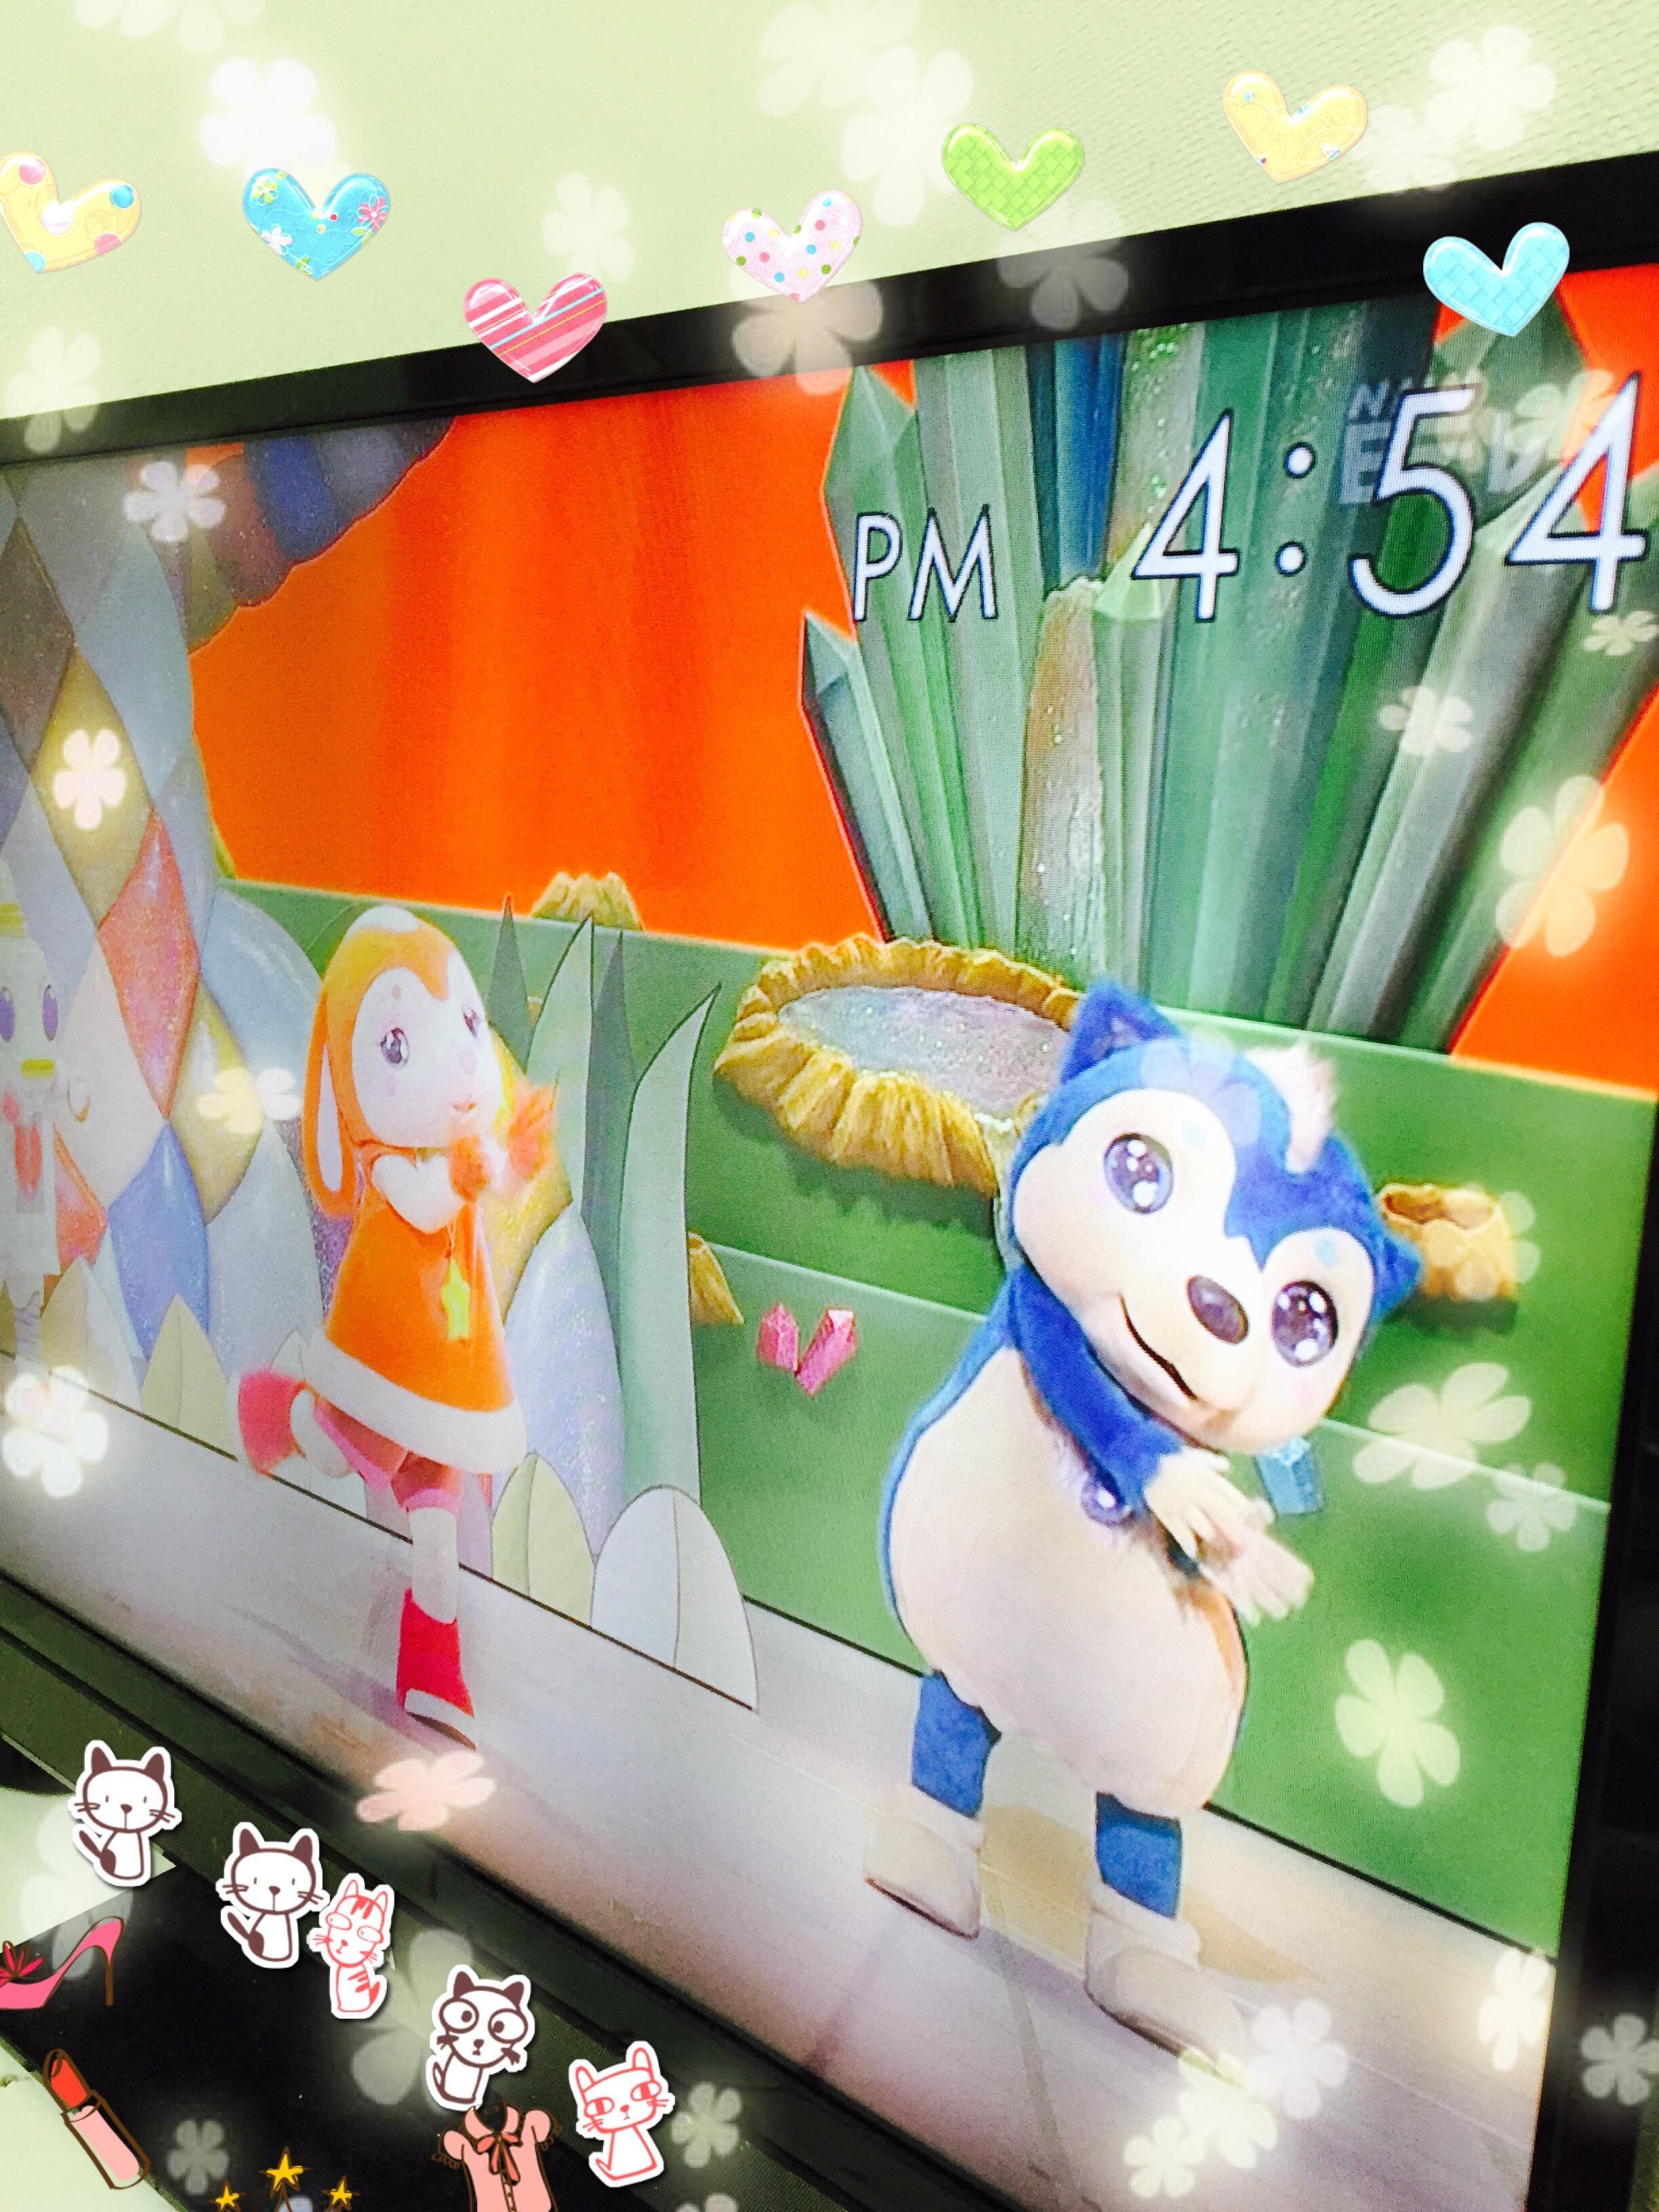 永作「♪♪♪」11/20(月) 17:03 | 永作の写メ・風俗動画